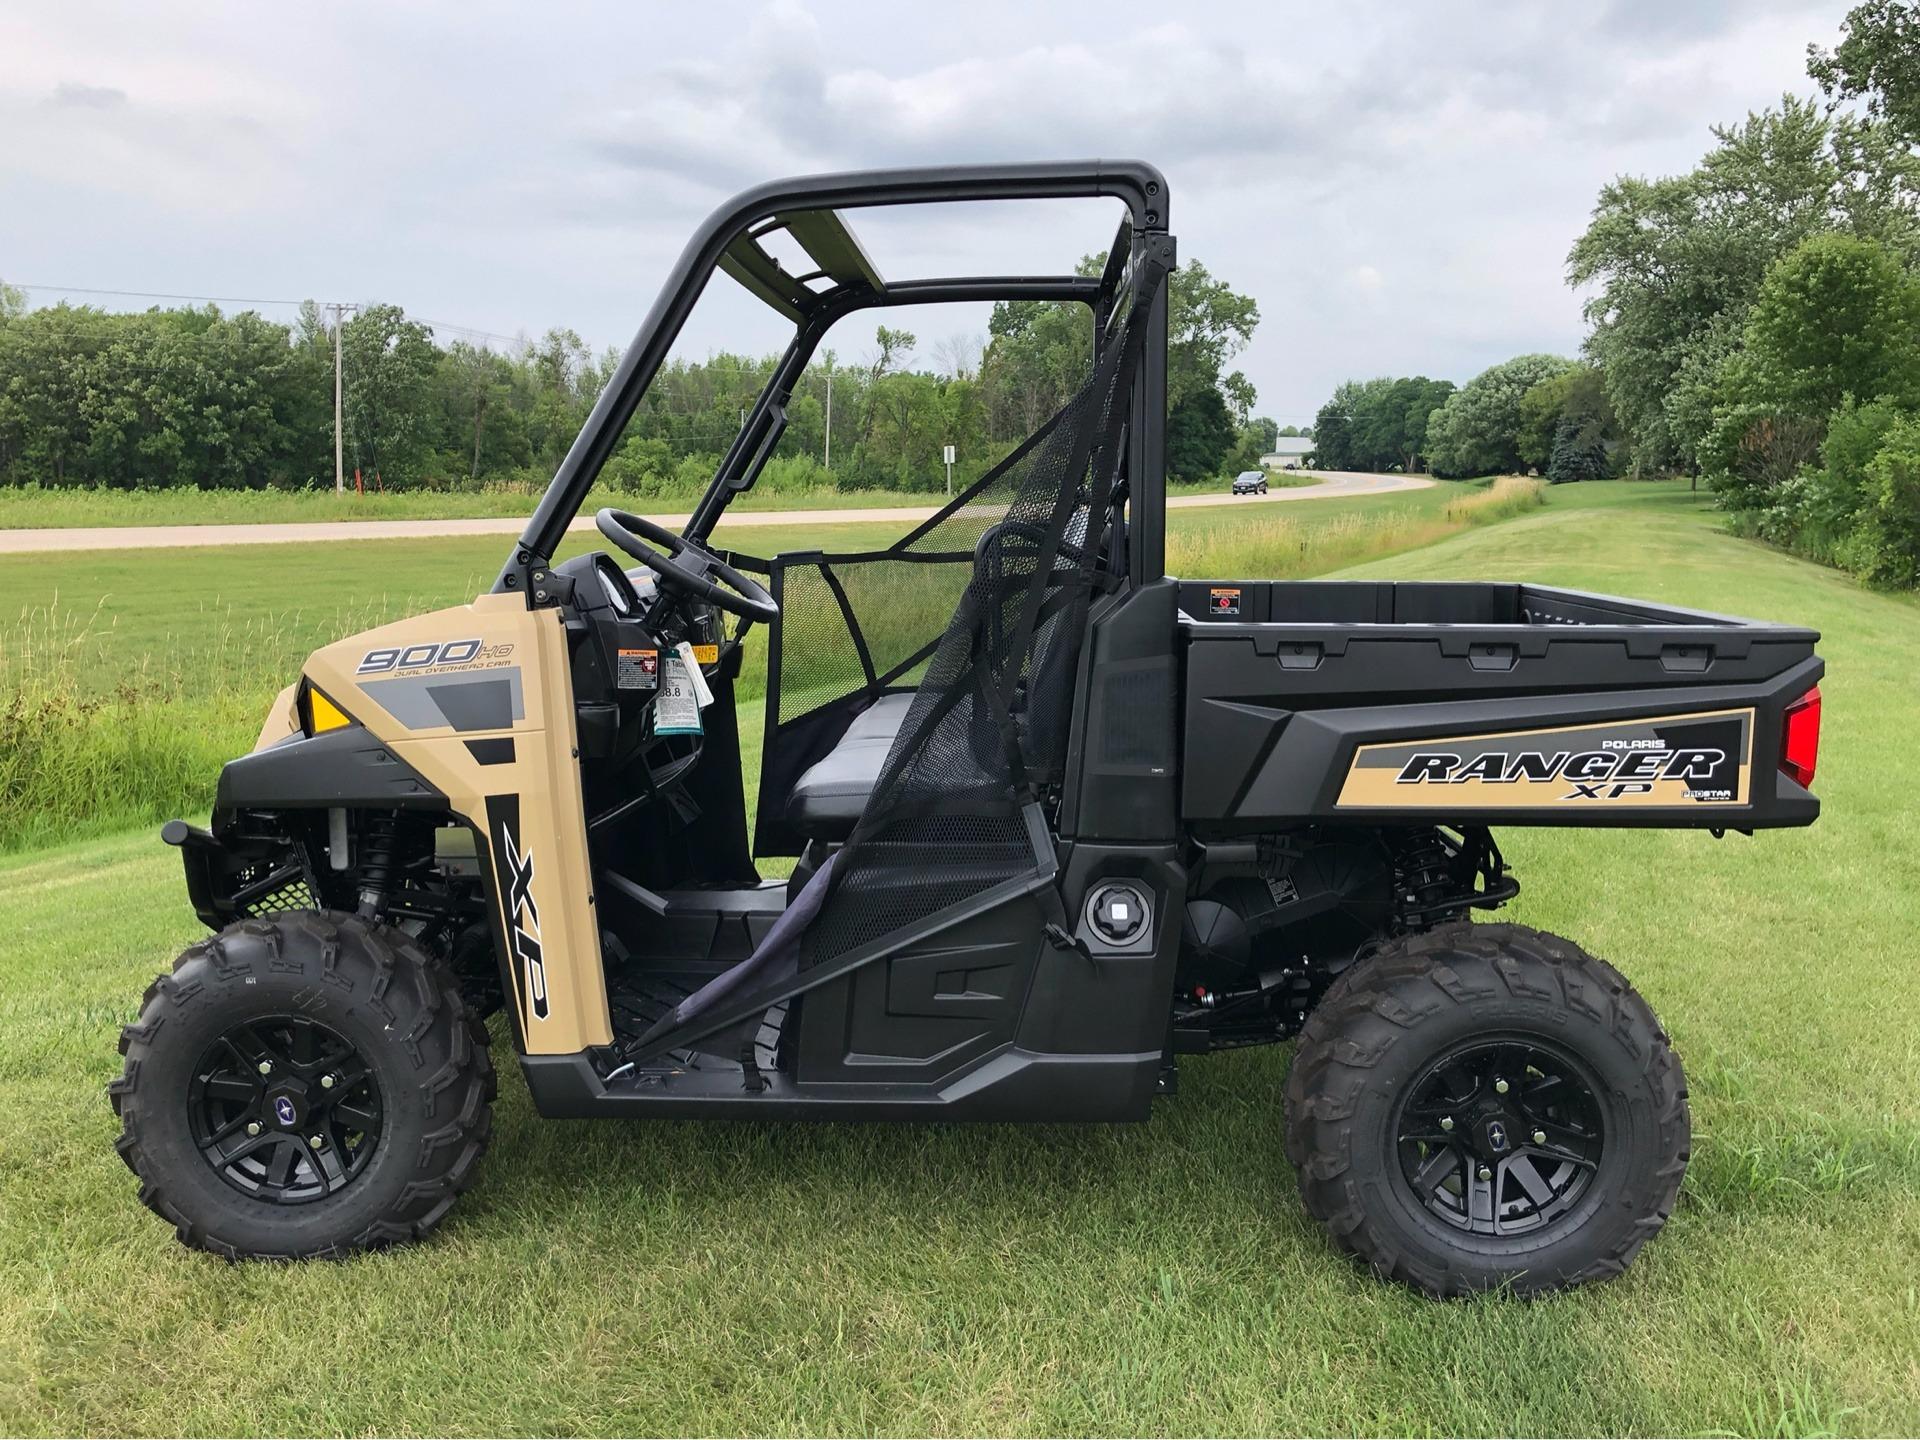 2019 Polaris Ranger XP 900 EPS 7